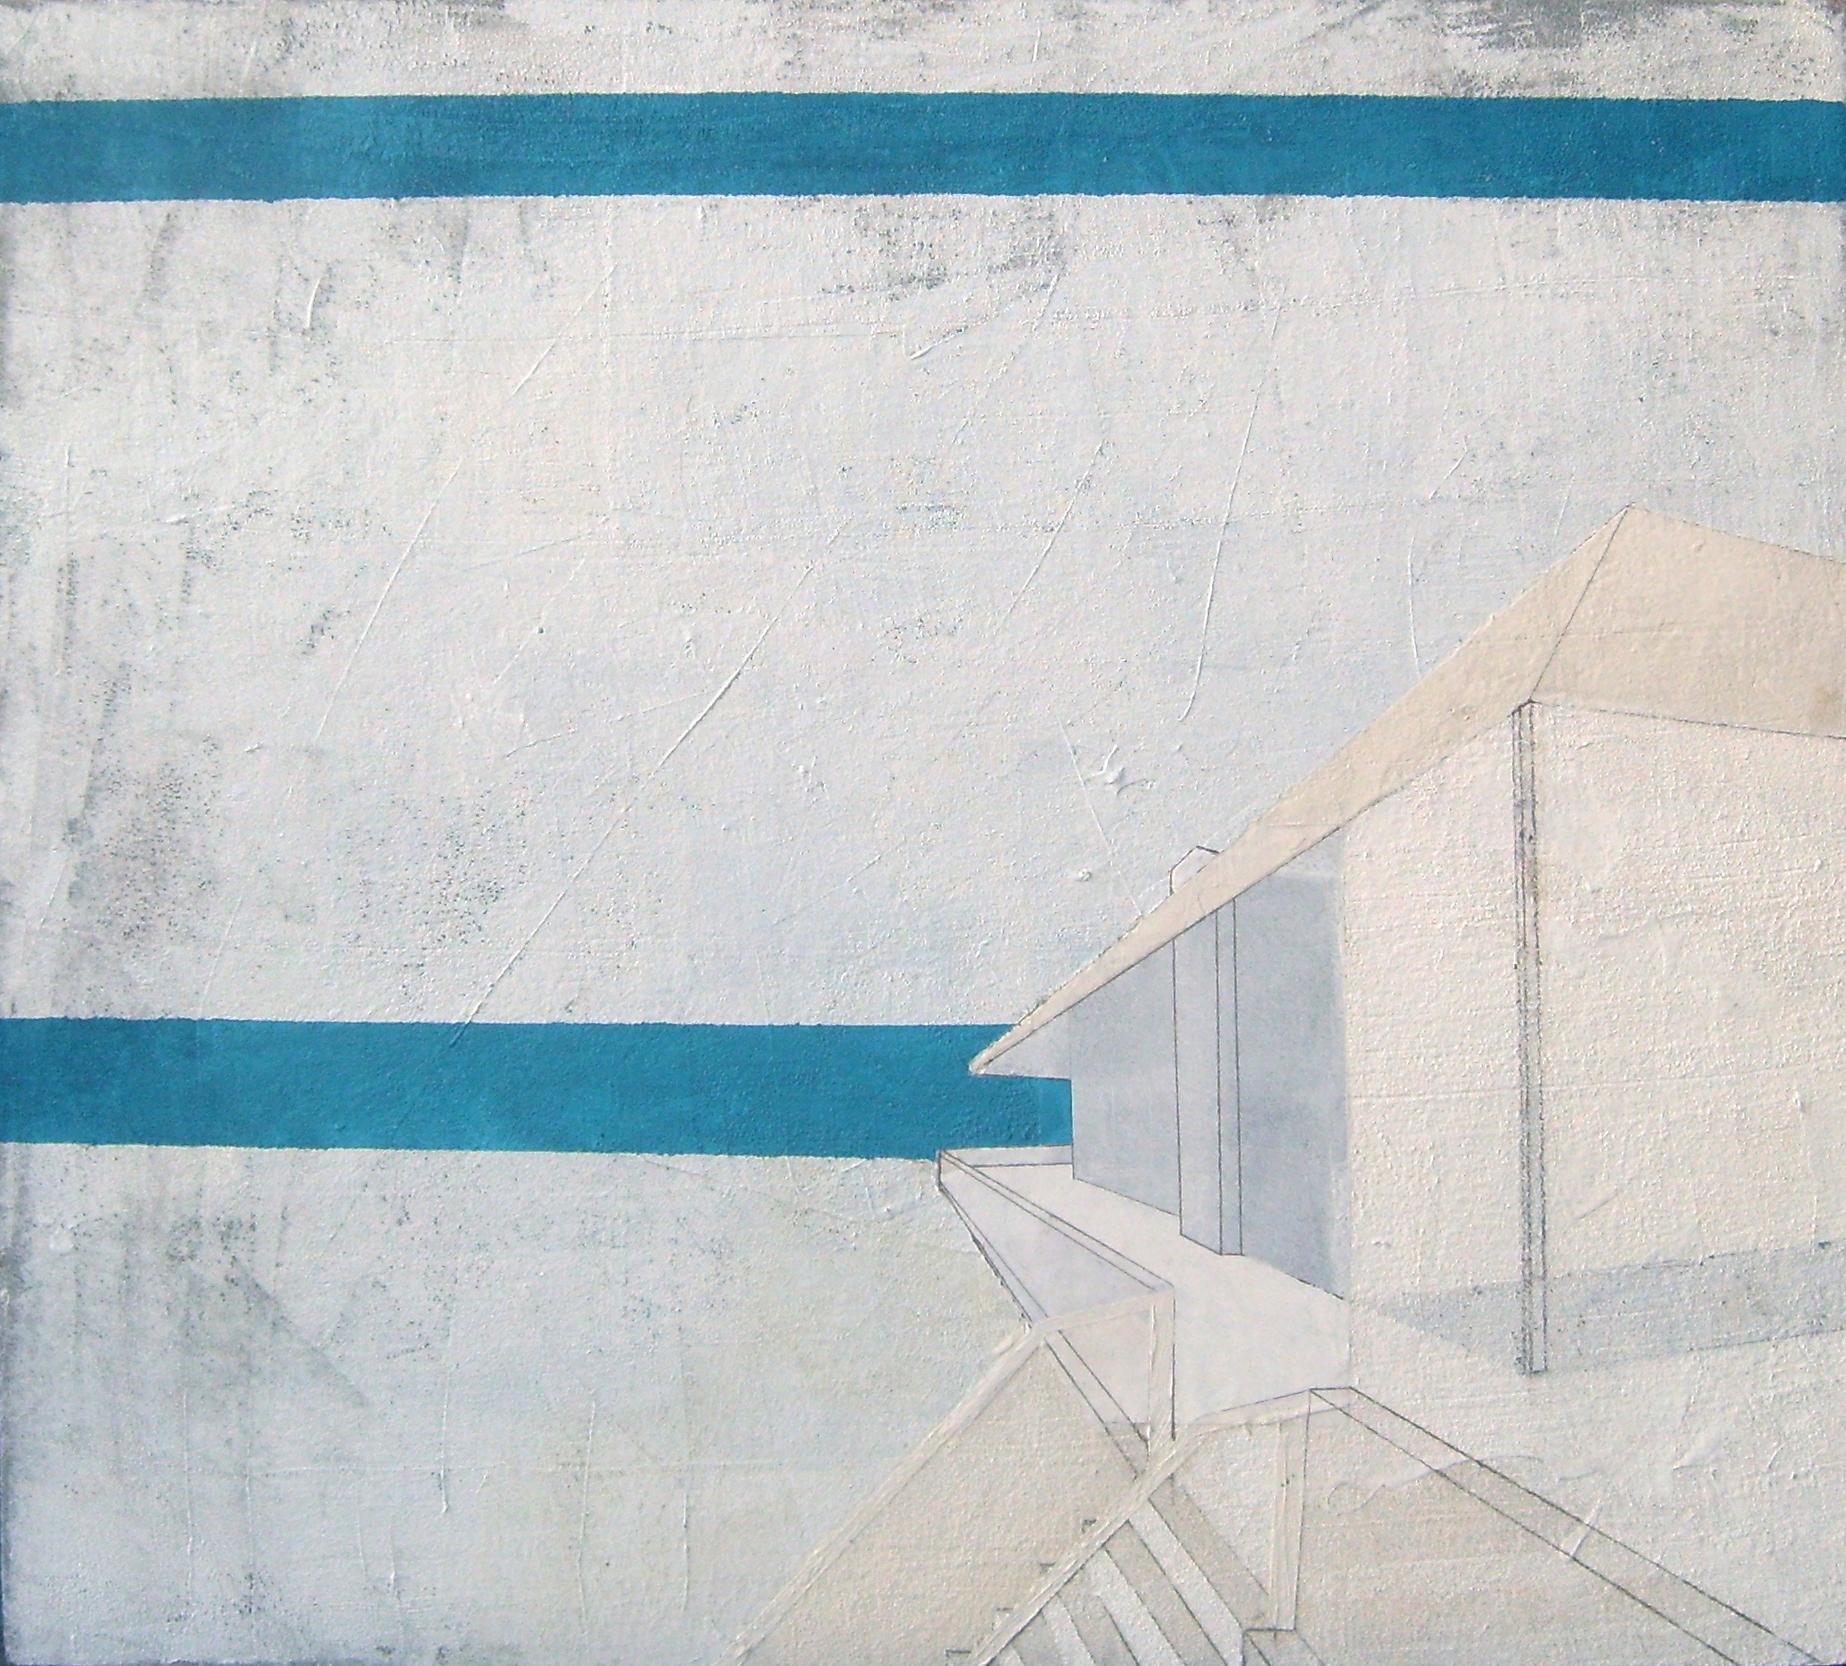 Bruno Miguel, Homenagem ao cessar fogo, impermeabilizante de piscina, acrílica, óleo, esmalte, primer automotivo e colagem sobre plush, 90 X 100 cm, 2009